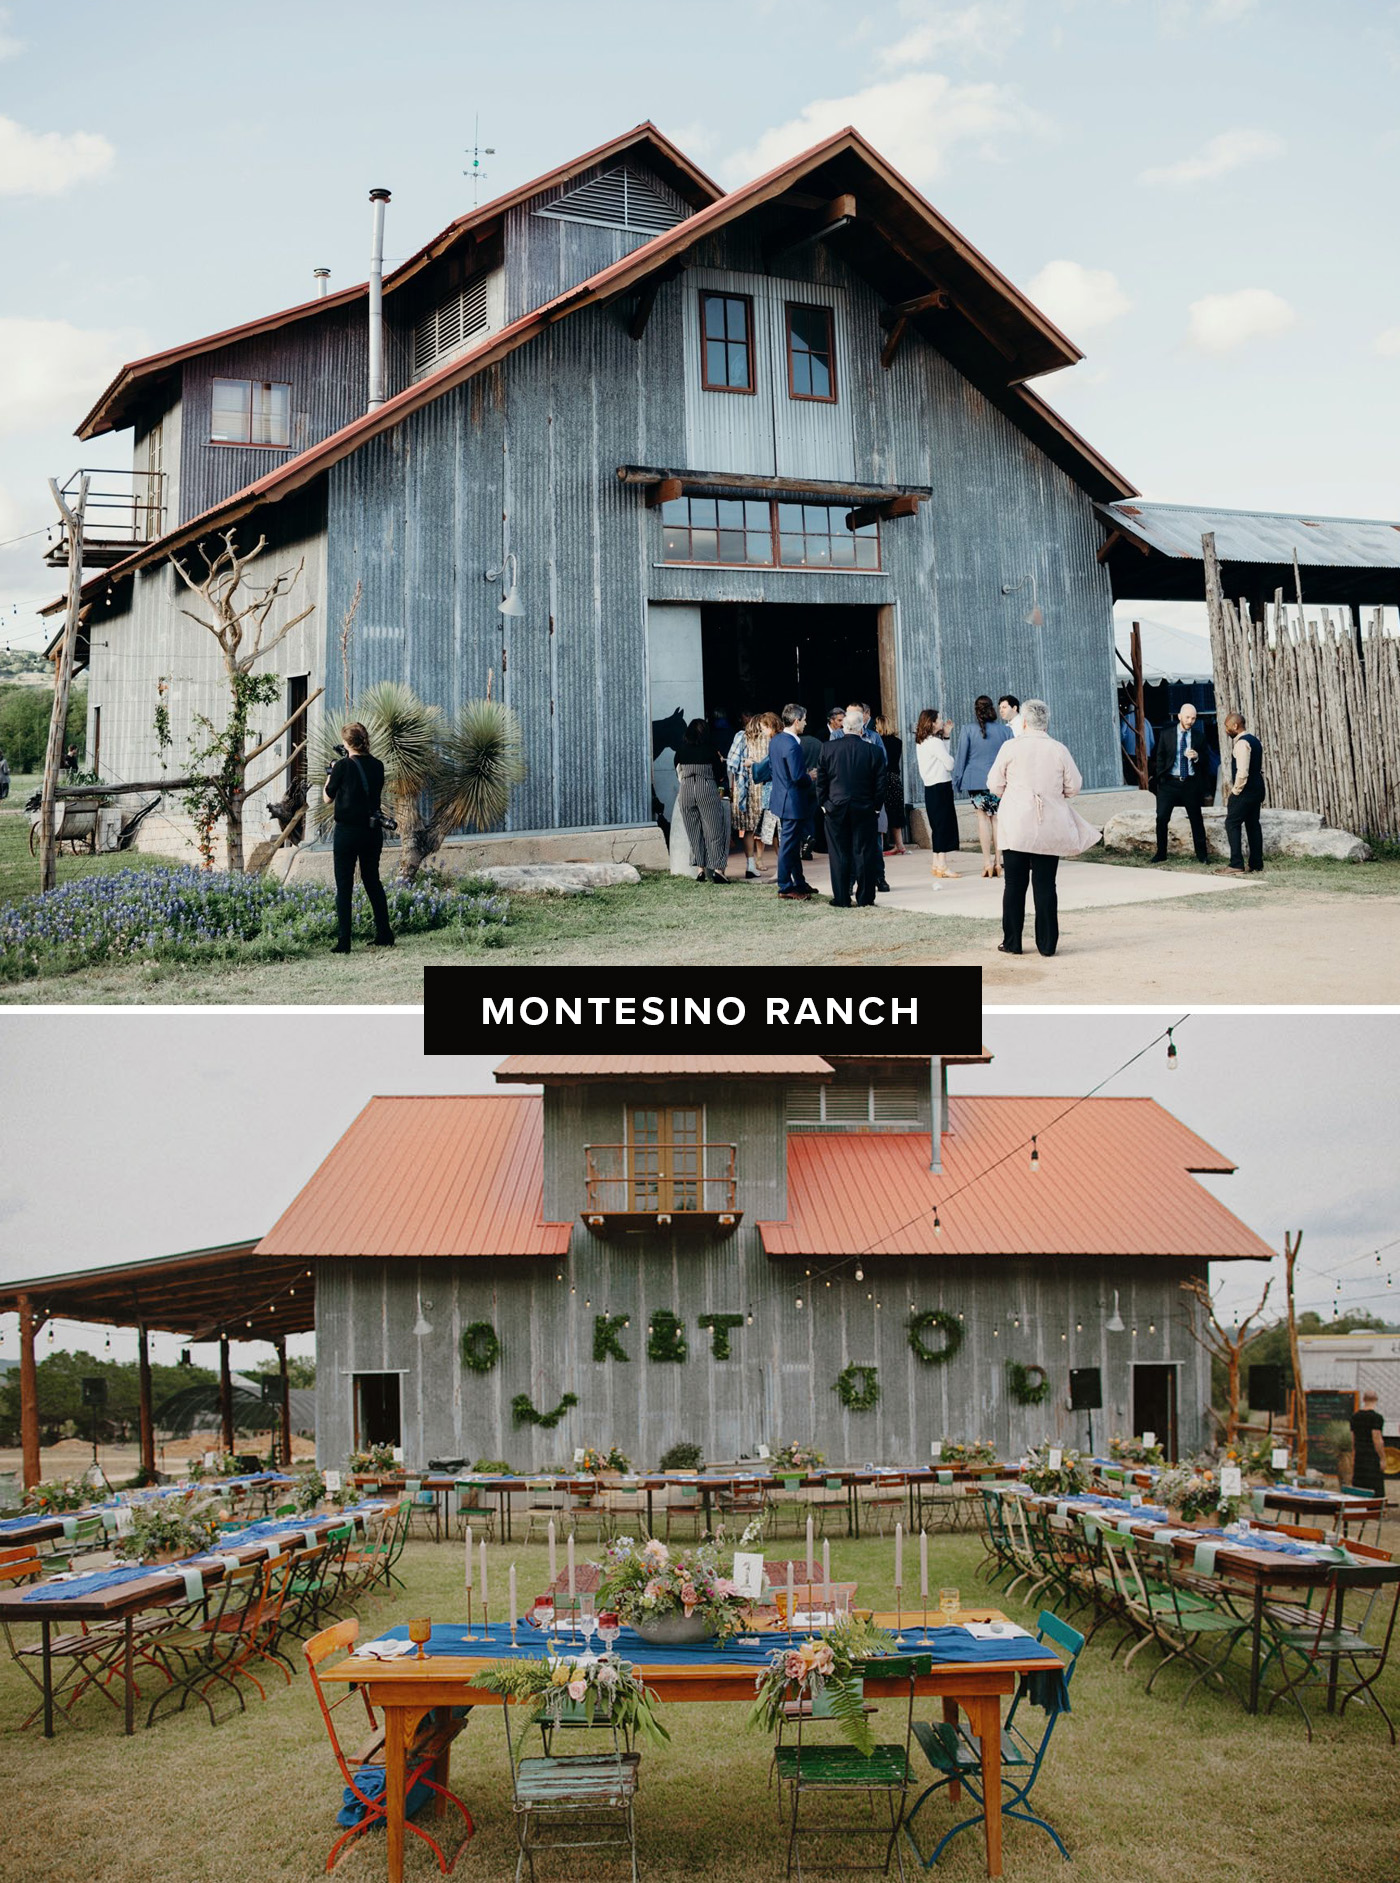 montesino ranch wedding venue